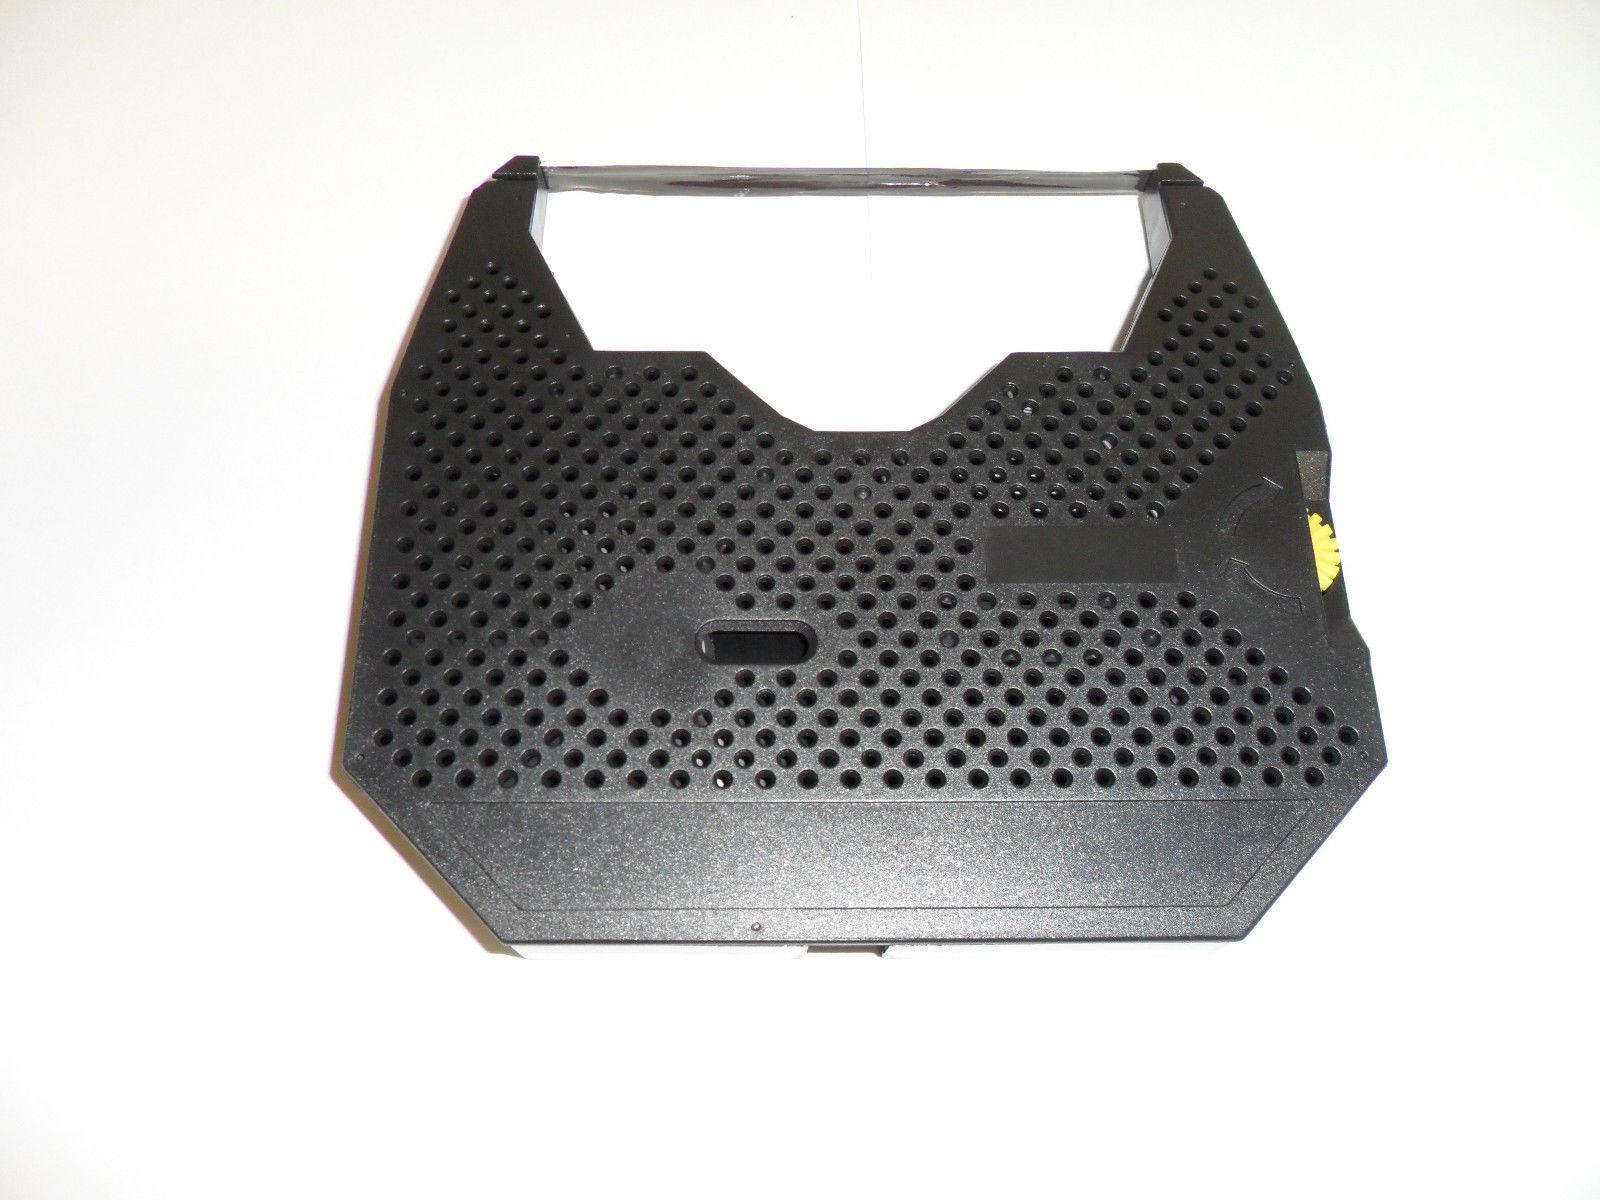 Sharp XQ355 XQ360 XQ370 XQ370A XQ380 XQ380A Typewriter Ribbon